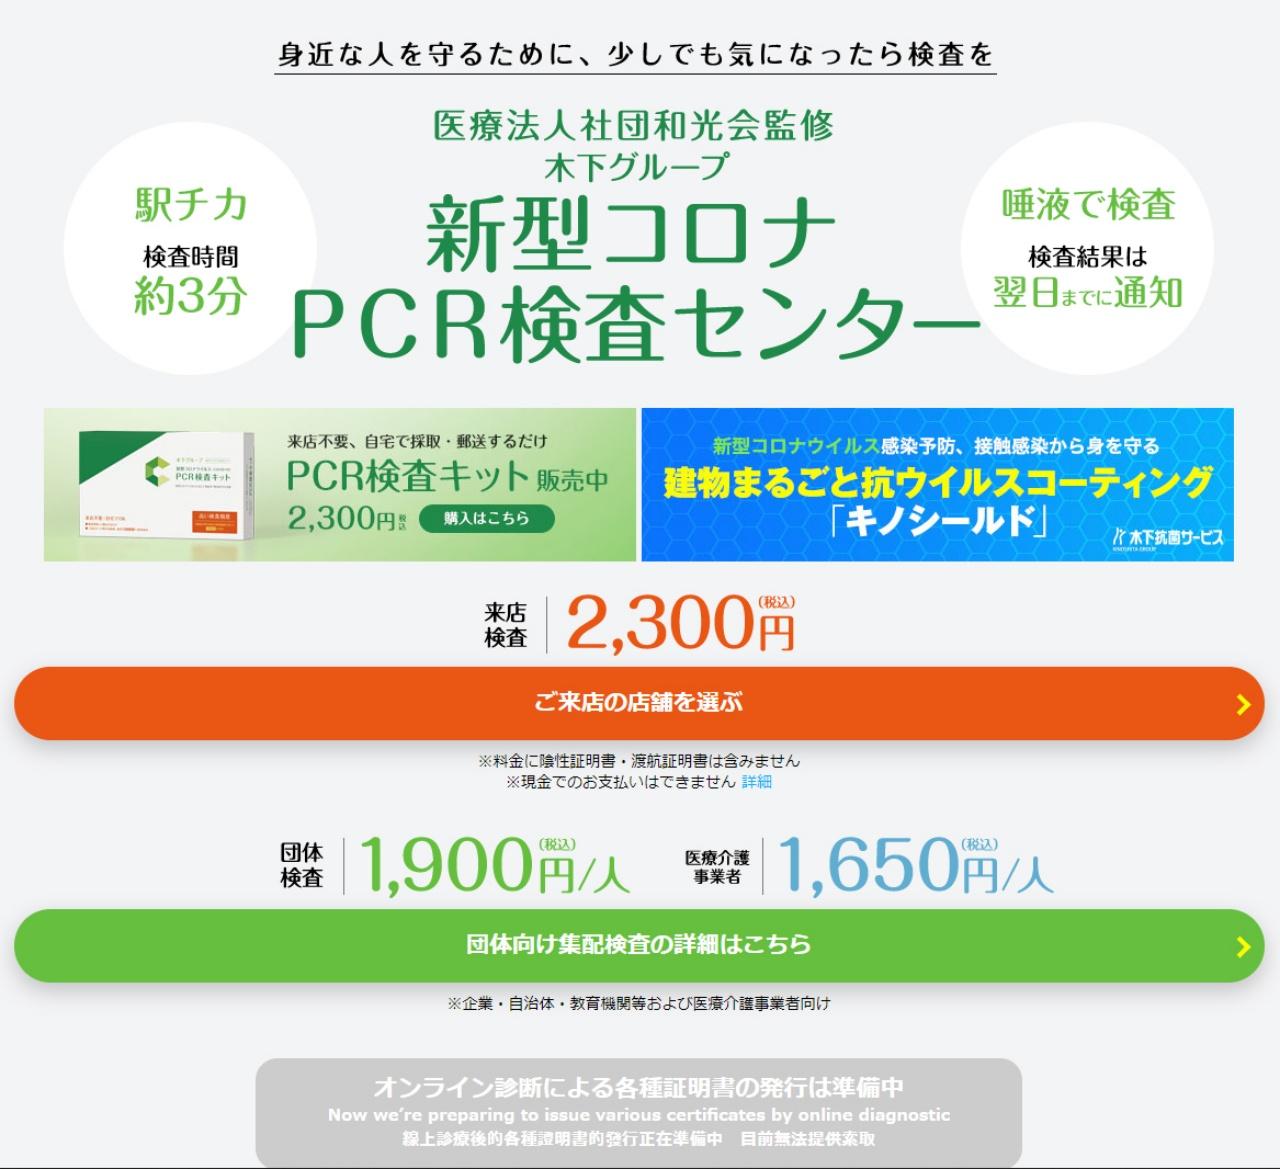 키노시타그룹코로나PCR검사센터